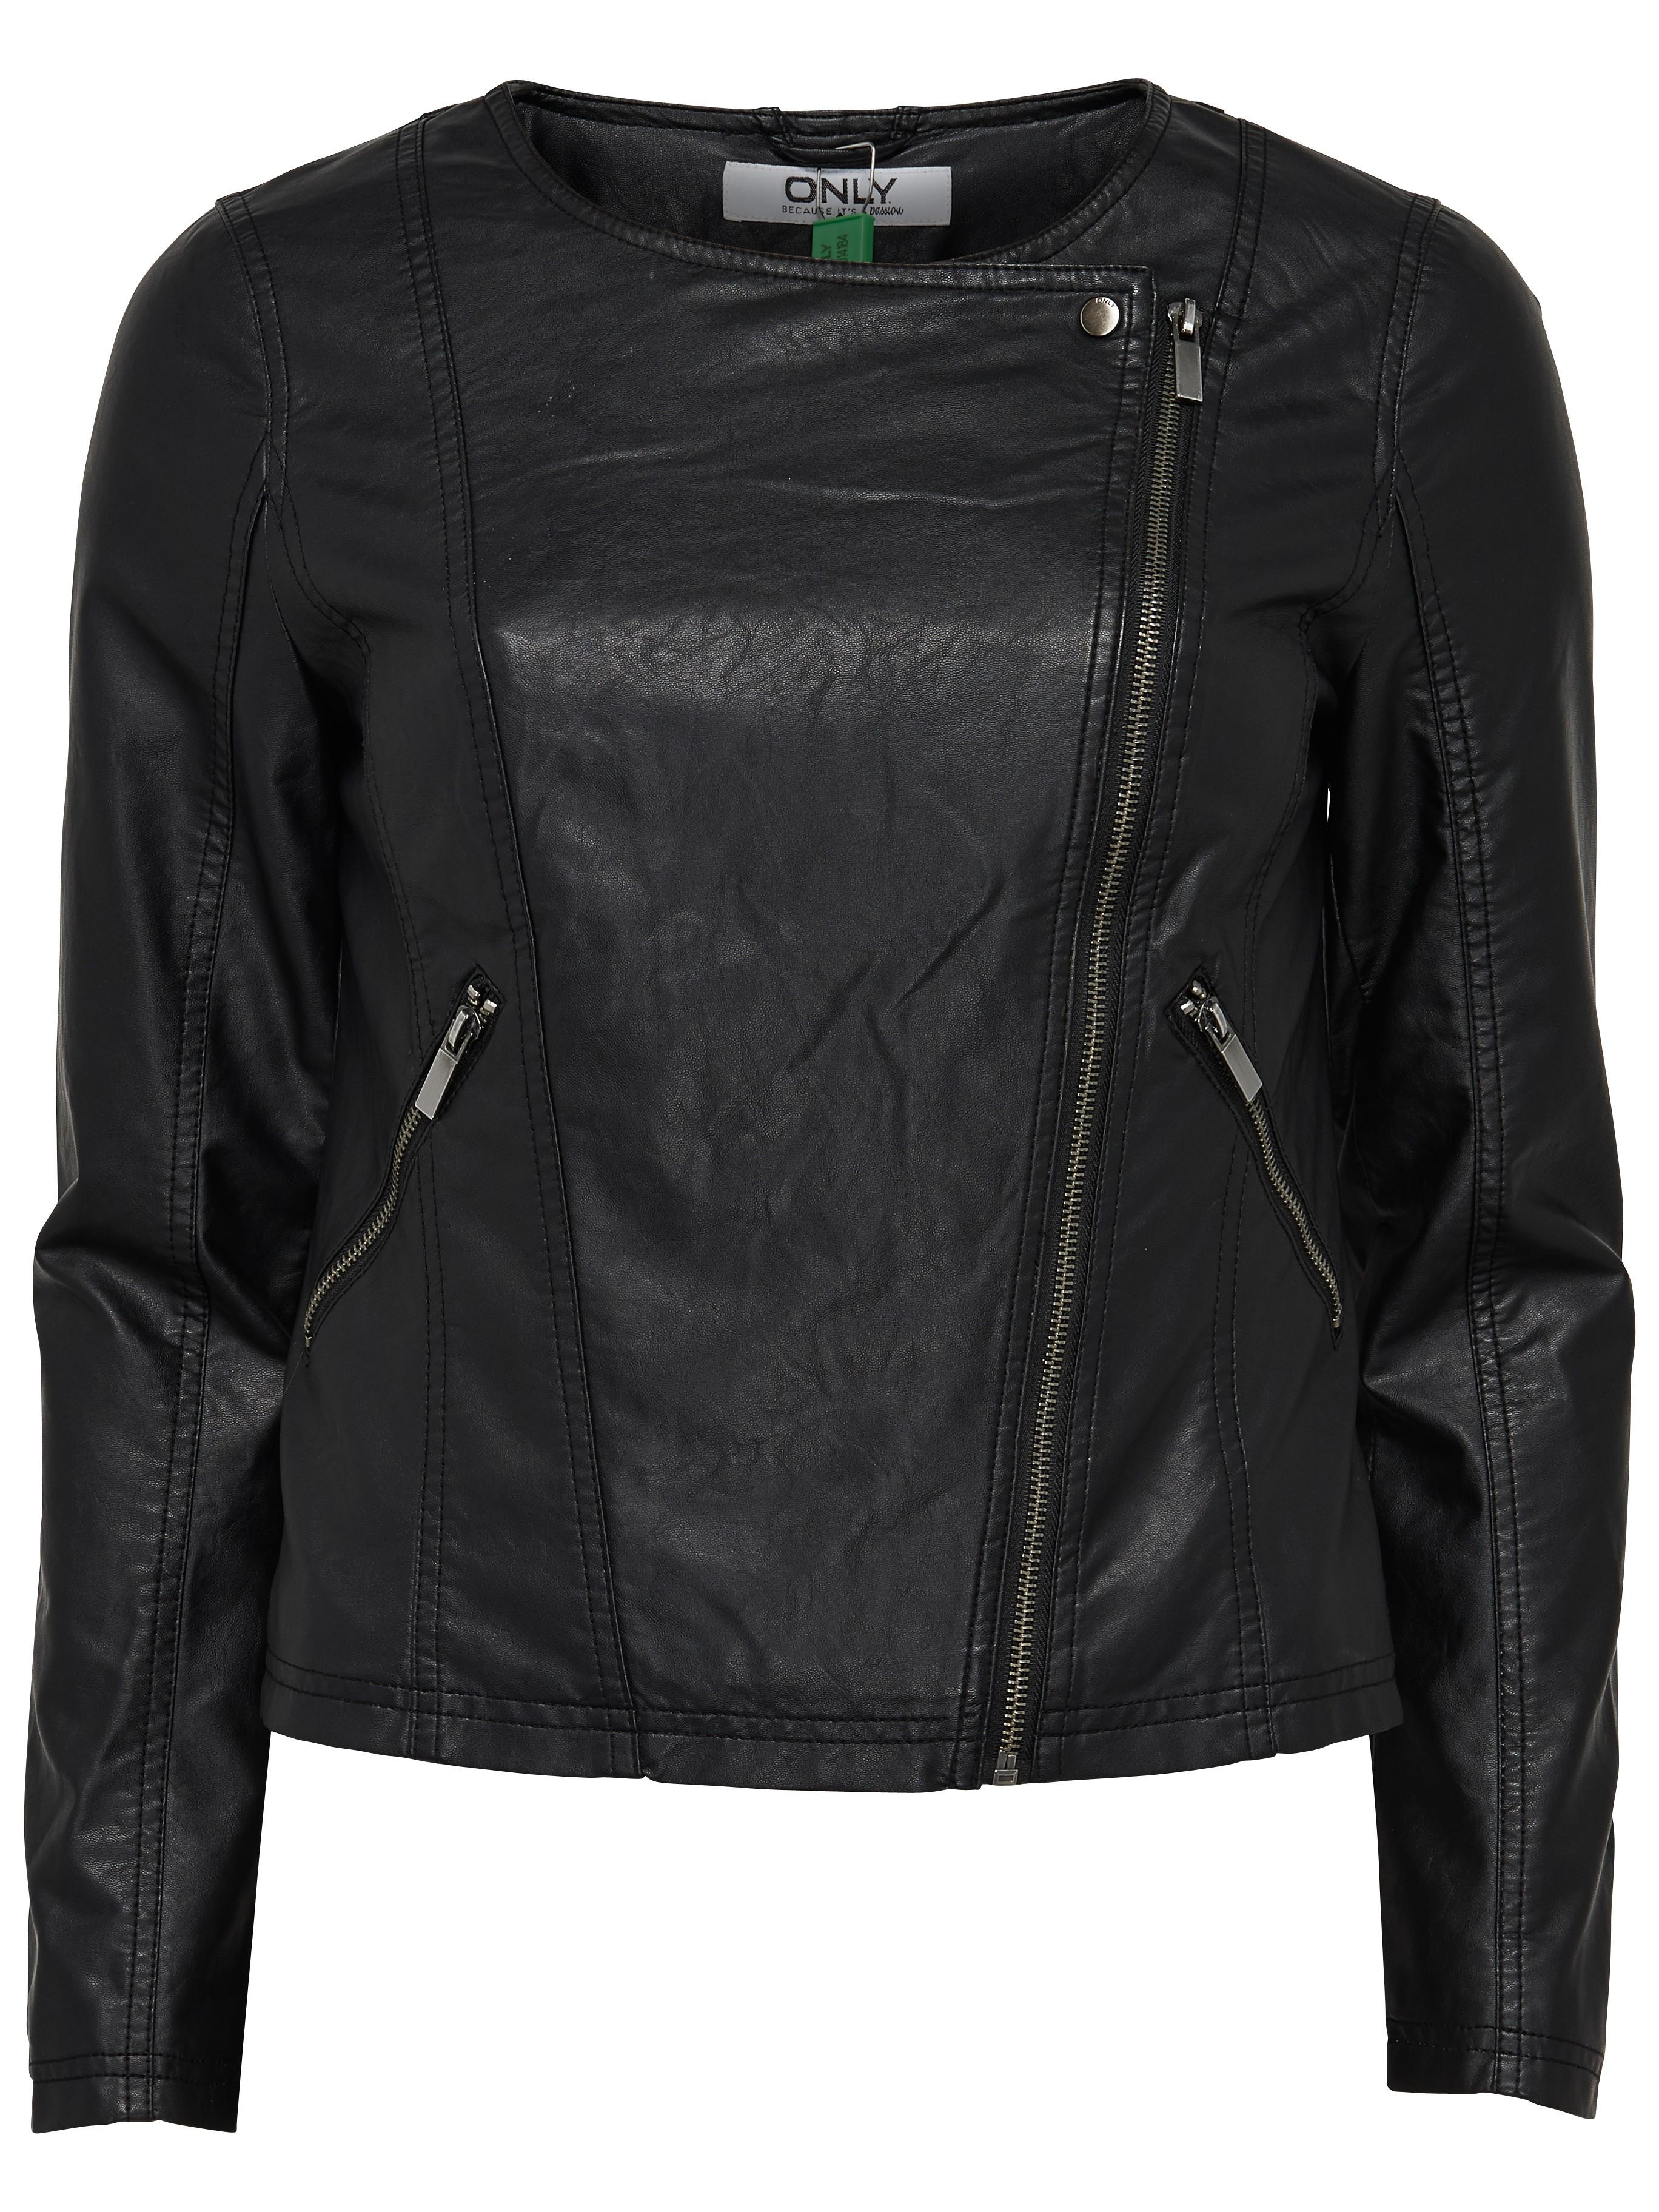 only damen lederjacke jacke jana cropped pu biker jacket schwarz creme kunstleder marken only. Black Bedroom Furniture Sets. Home Design Ideas